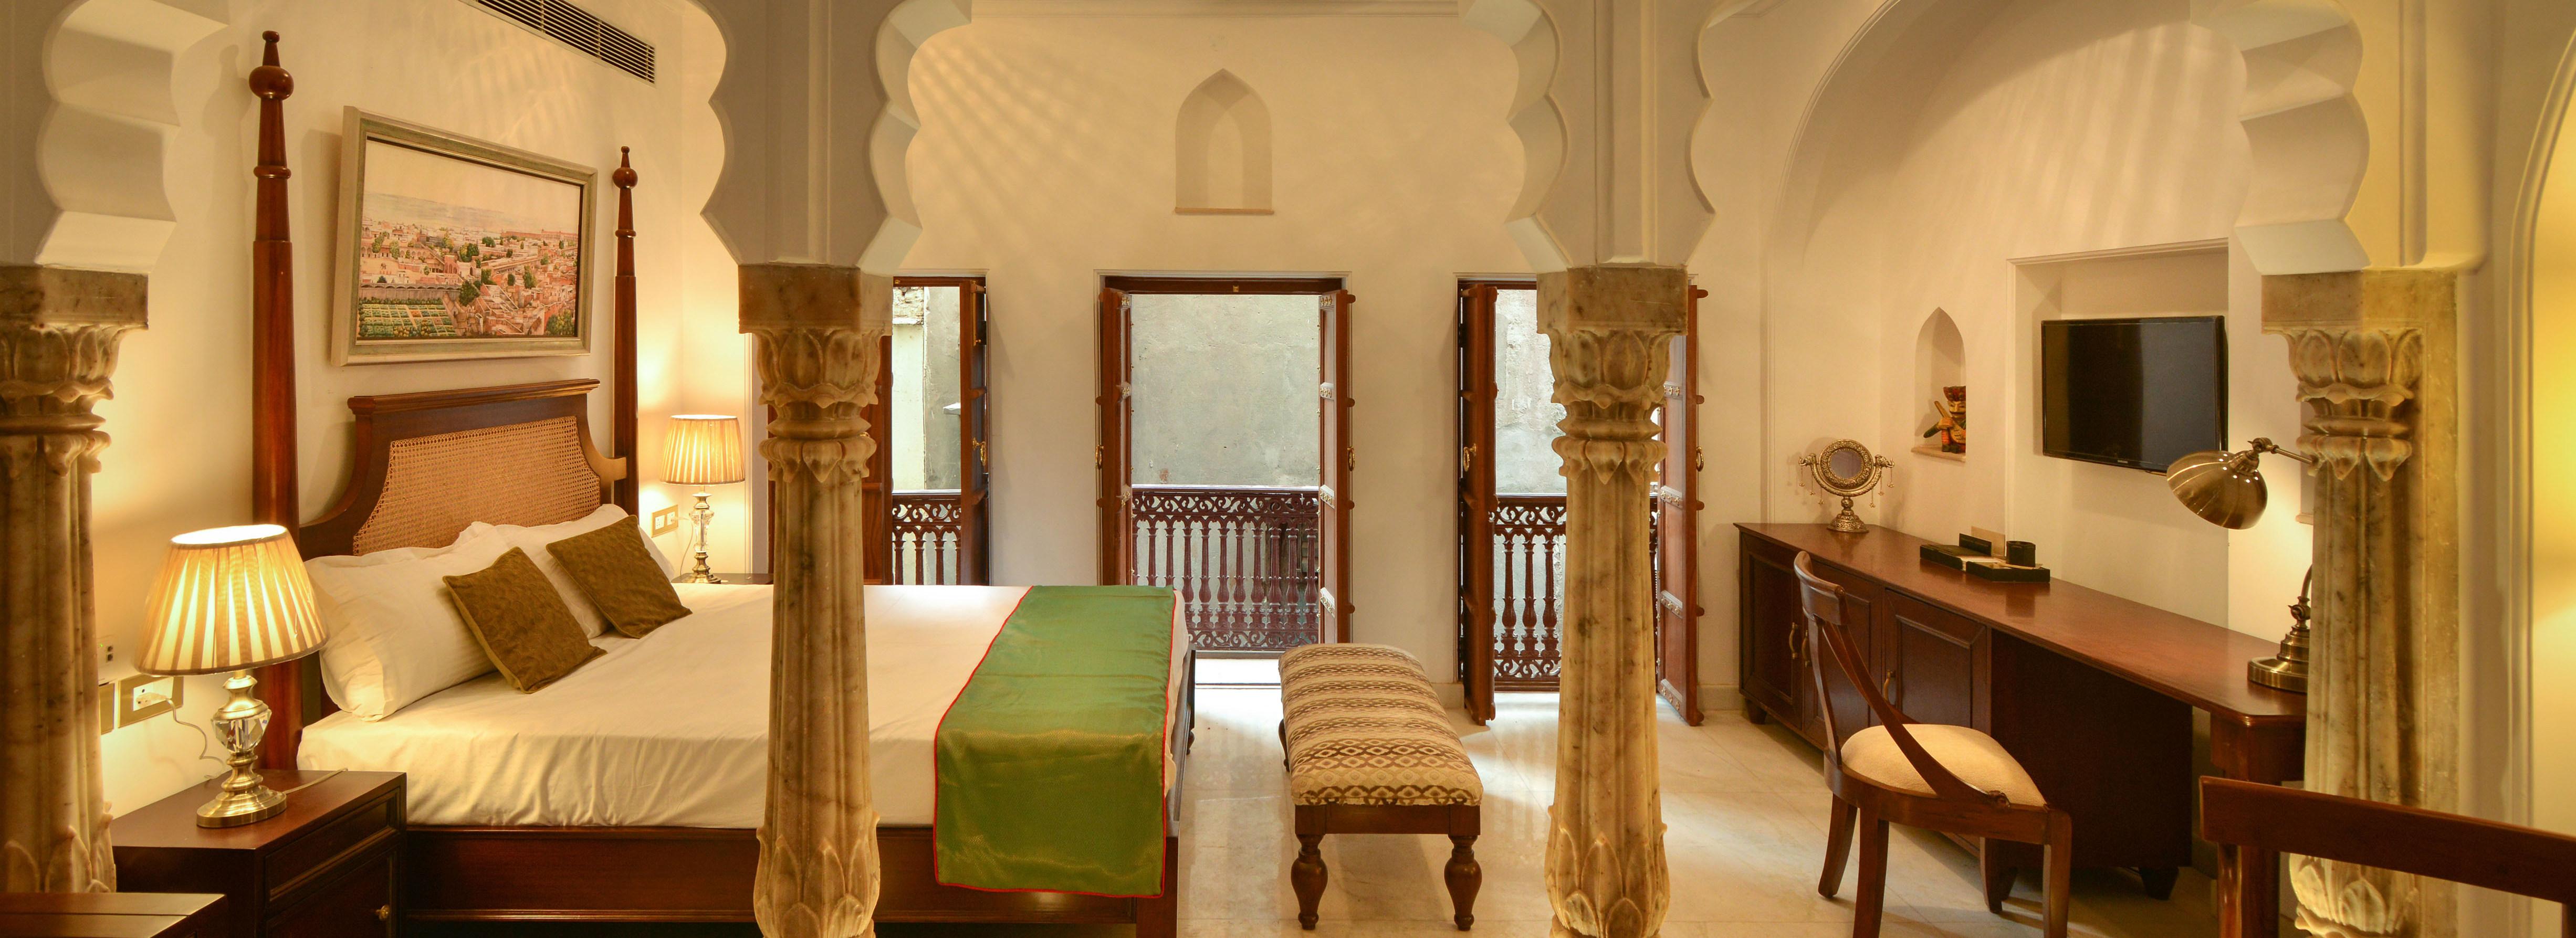 Diwan-e-Khas-Room